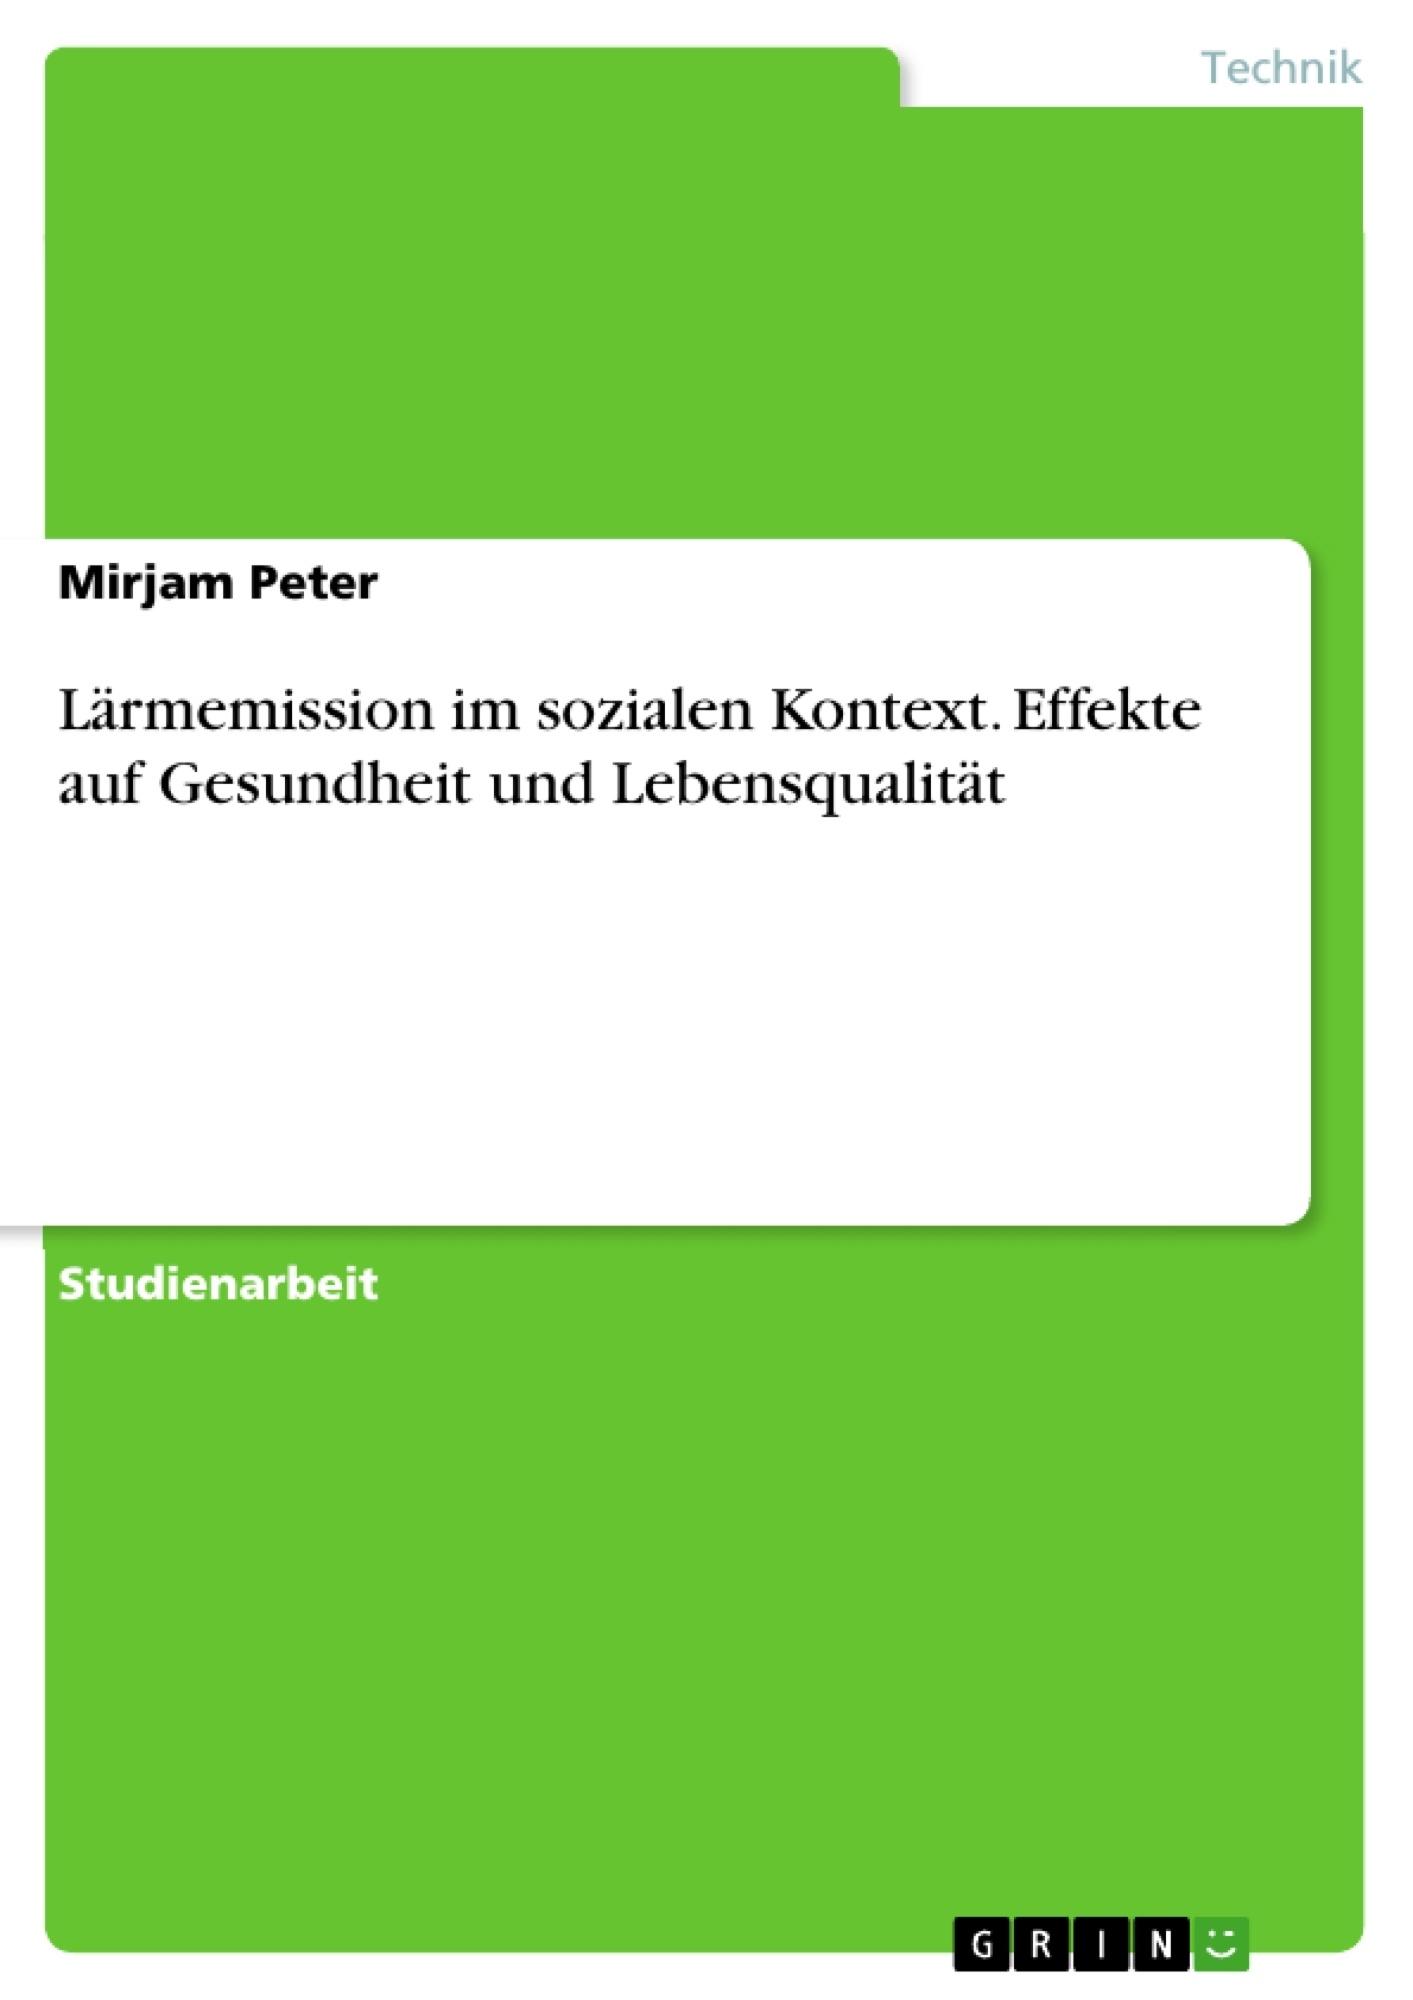 Titel: Lärmemission im sozialen Kontext. Effekte auf Gesundheit und Lebensqualität